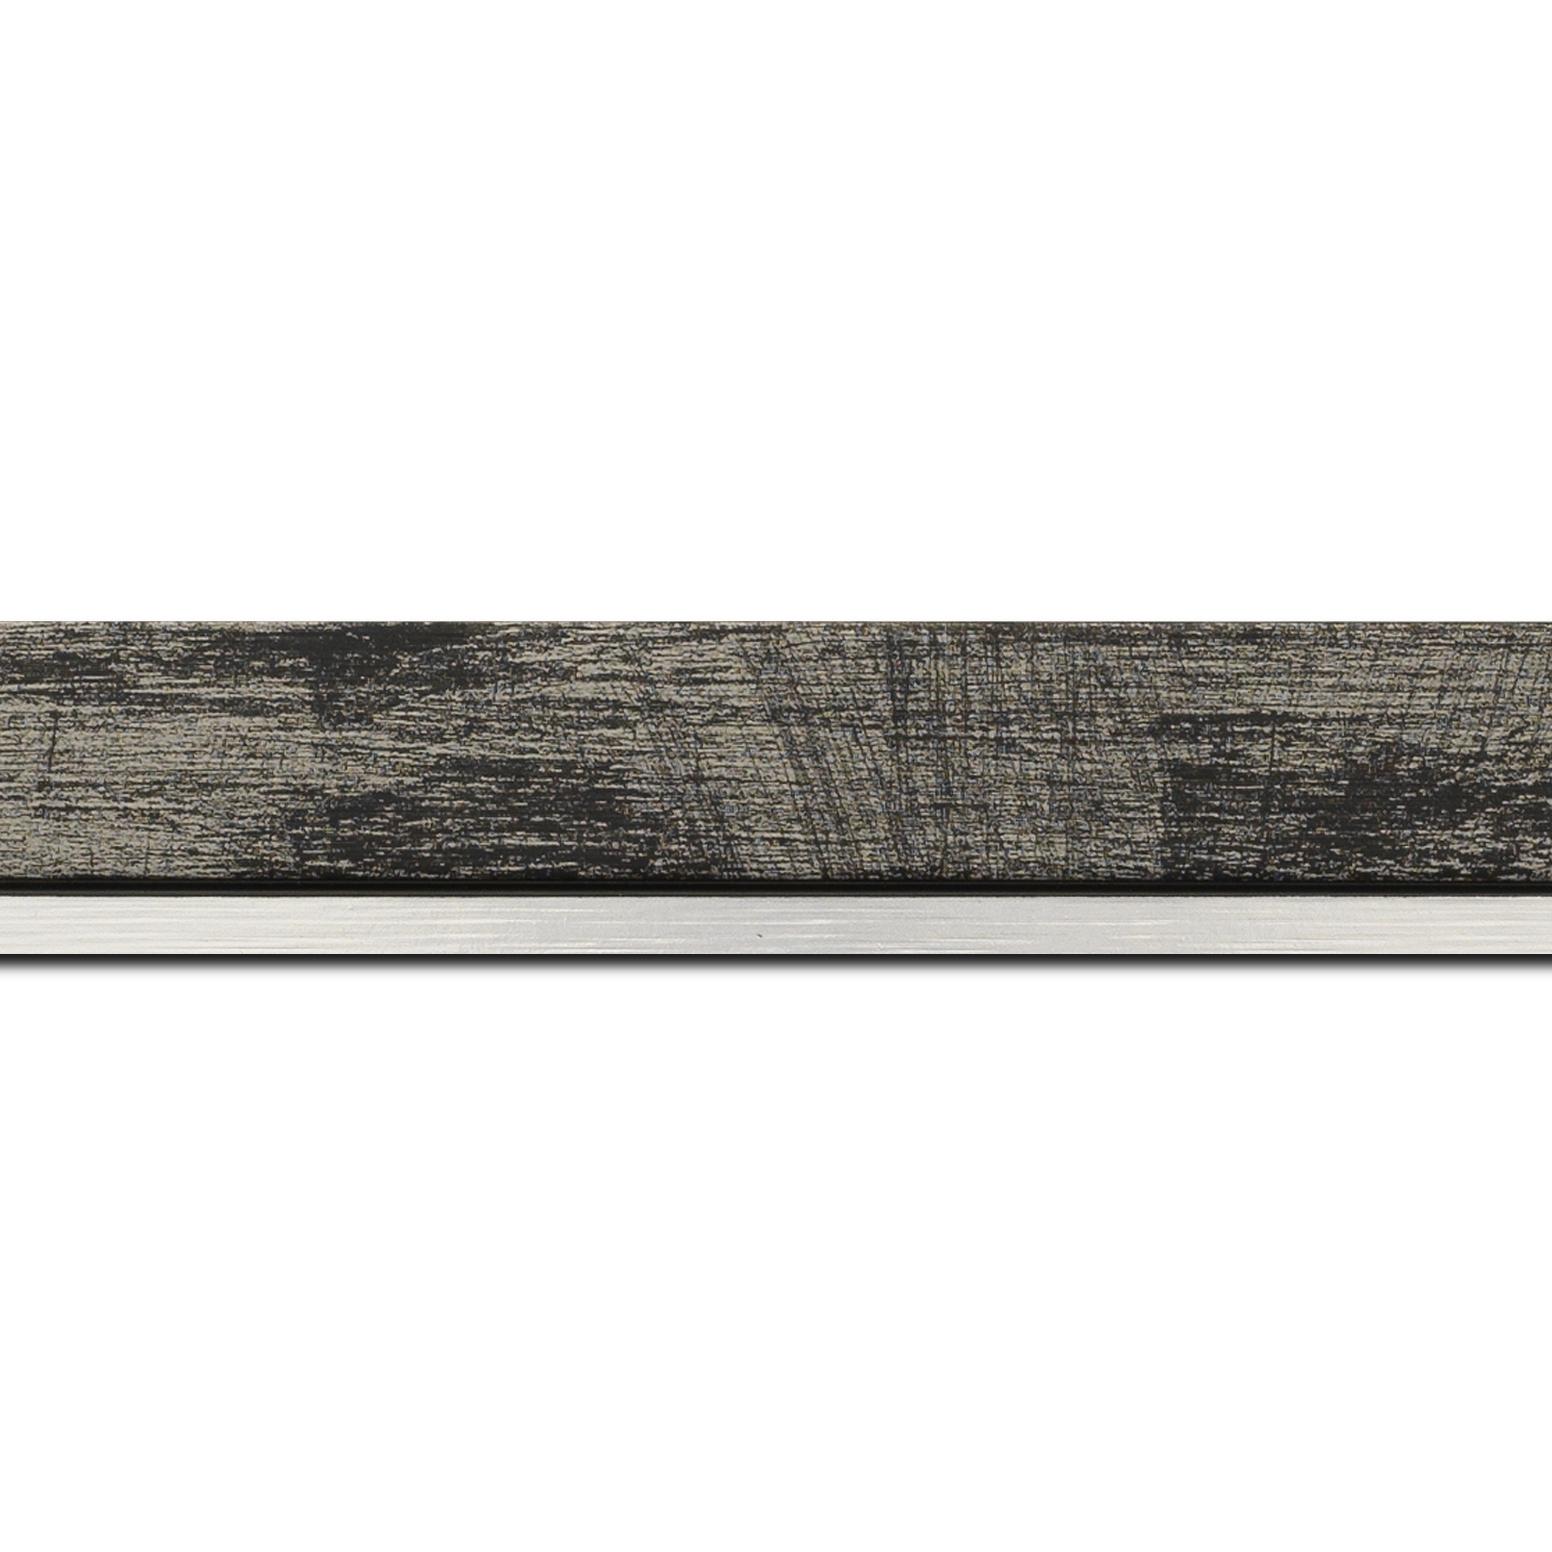 Baguette longueur 1.40m bois profil plat largeur 3.3cm couleur noir fond argent filet argent